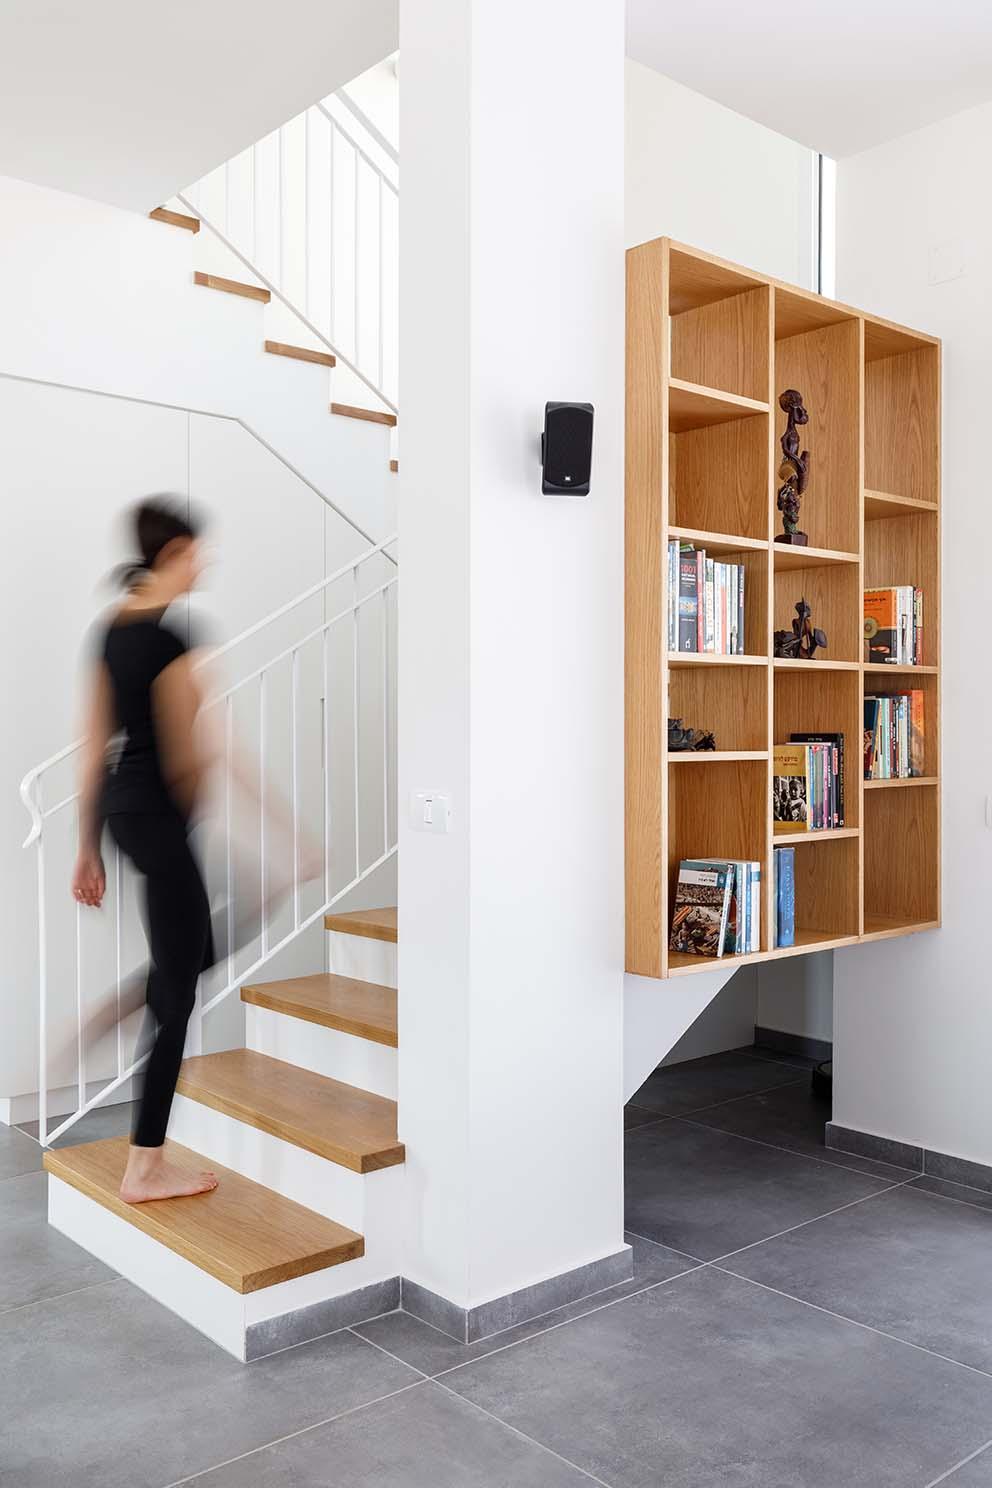 עיצוב: סיון קונוולינה, צילום: אורית ארנון, www.pnim.co.il